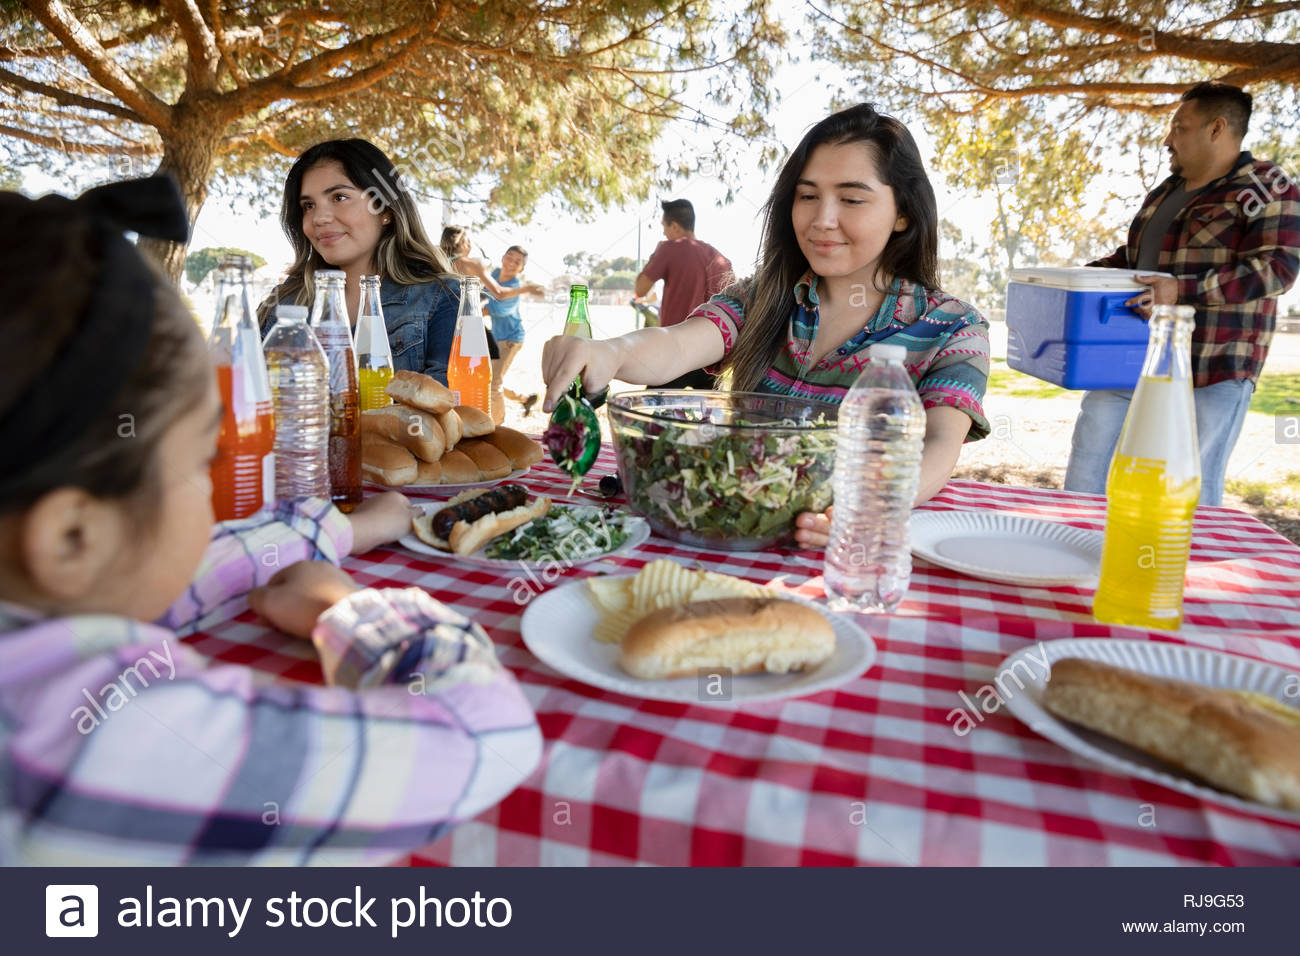 Familia Latinx disfrutando un almuerzo de barbacoa en el parque Imagen De Stock